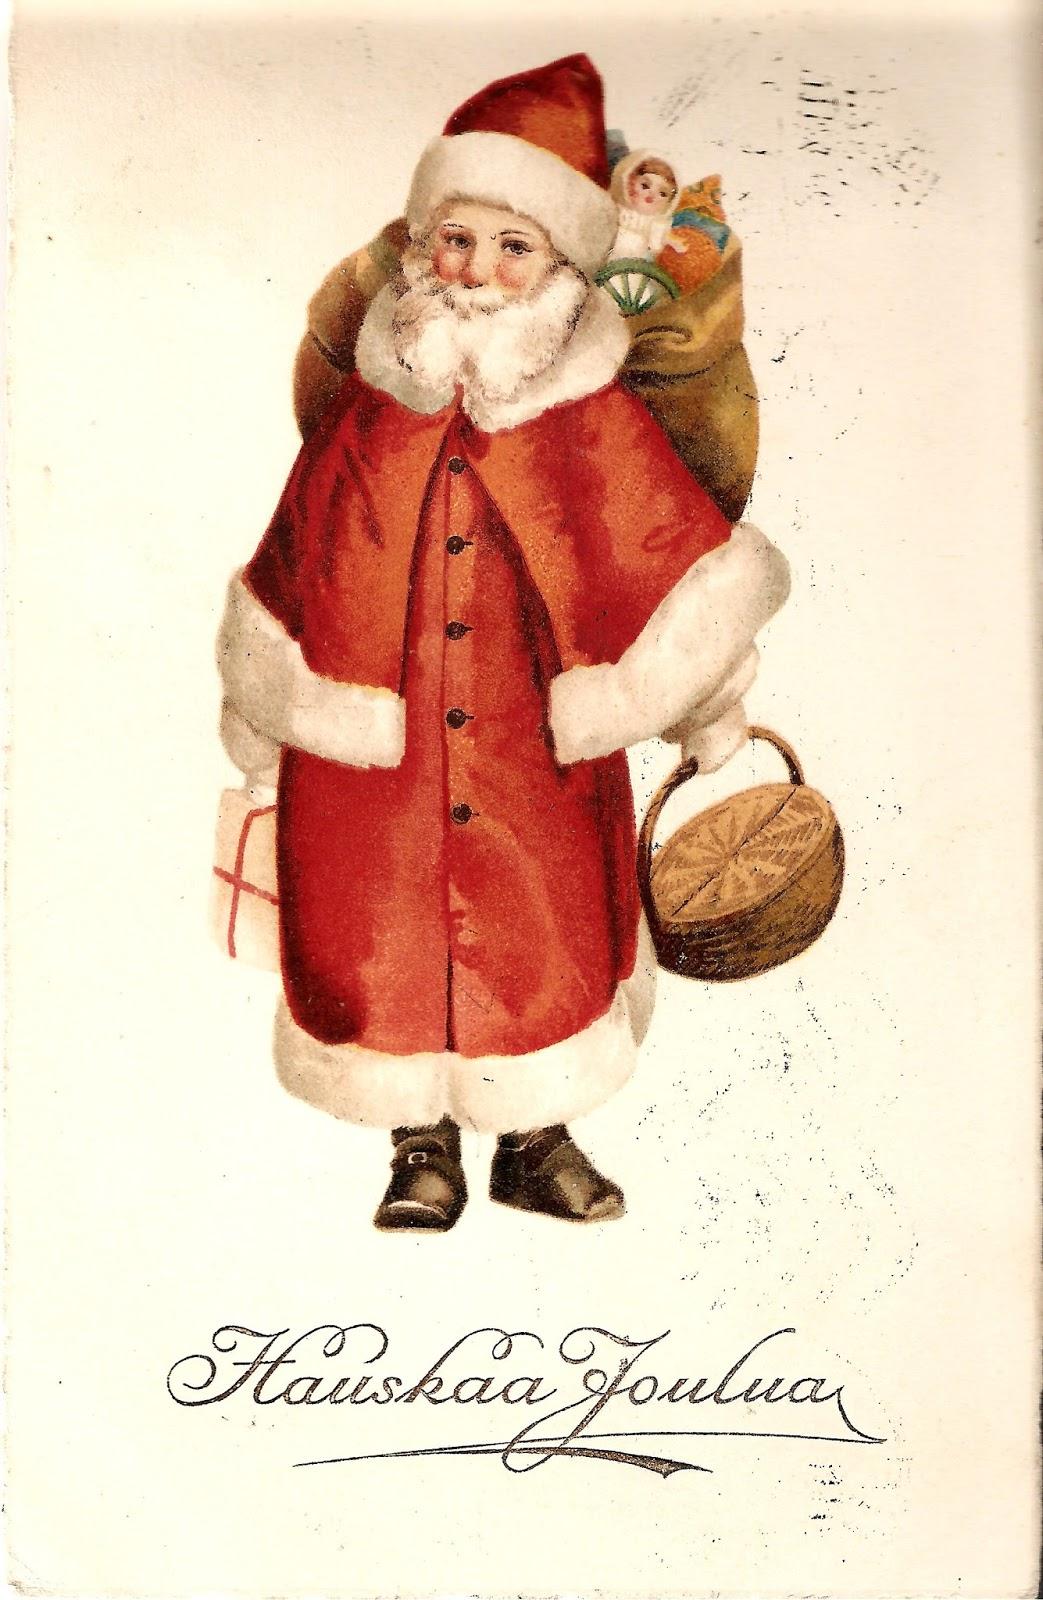 Vanha Joulupukki